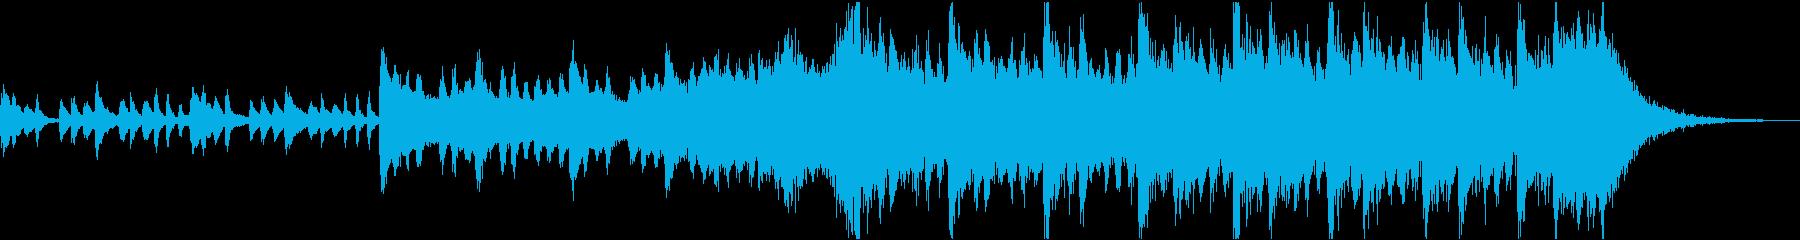 感動壮大ポジティブオーケストラエピックcの再生済みの波形